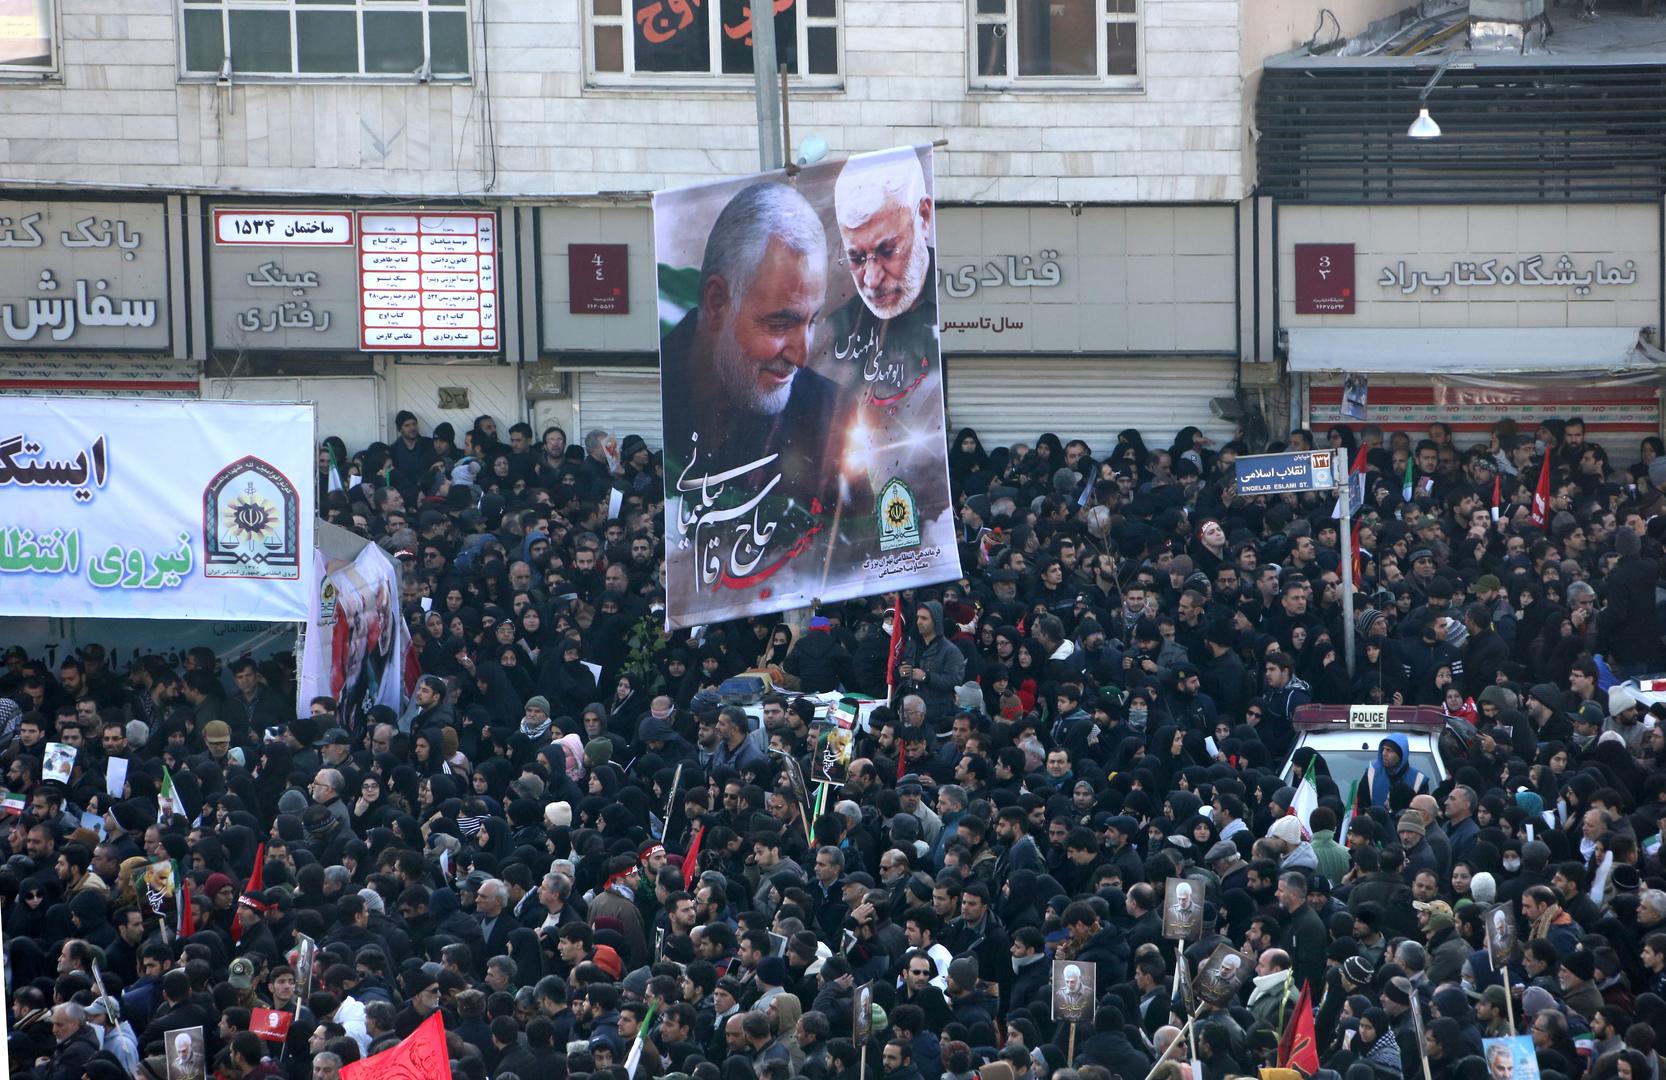 Les Etats-Unis affronteront «un jour sombre», menace la fille du général iranien Soleimani